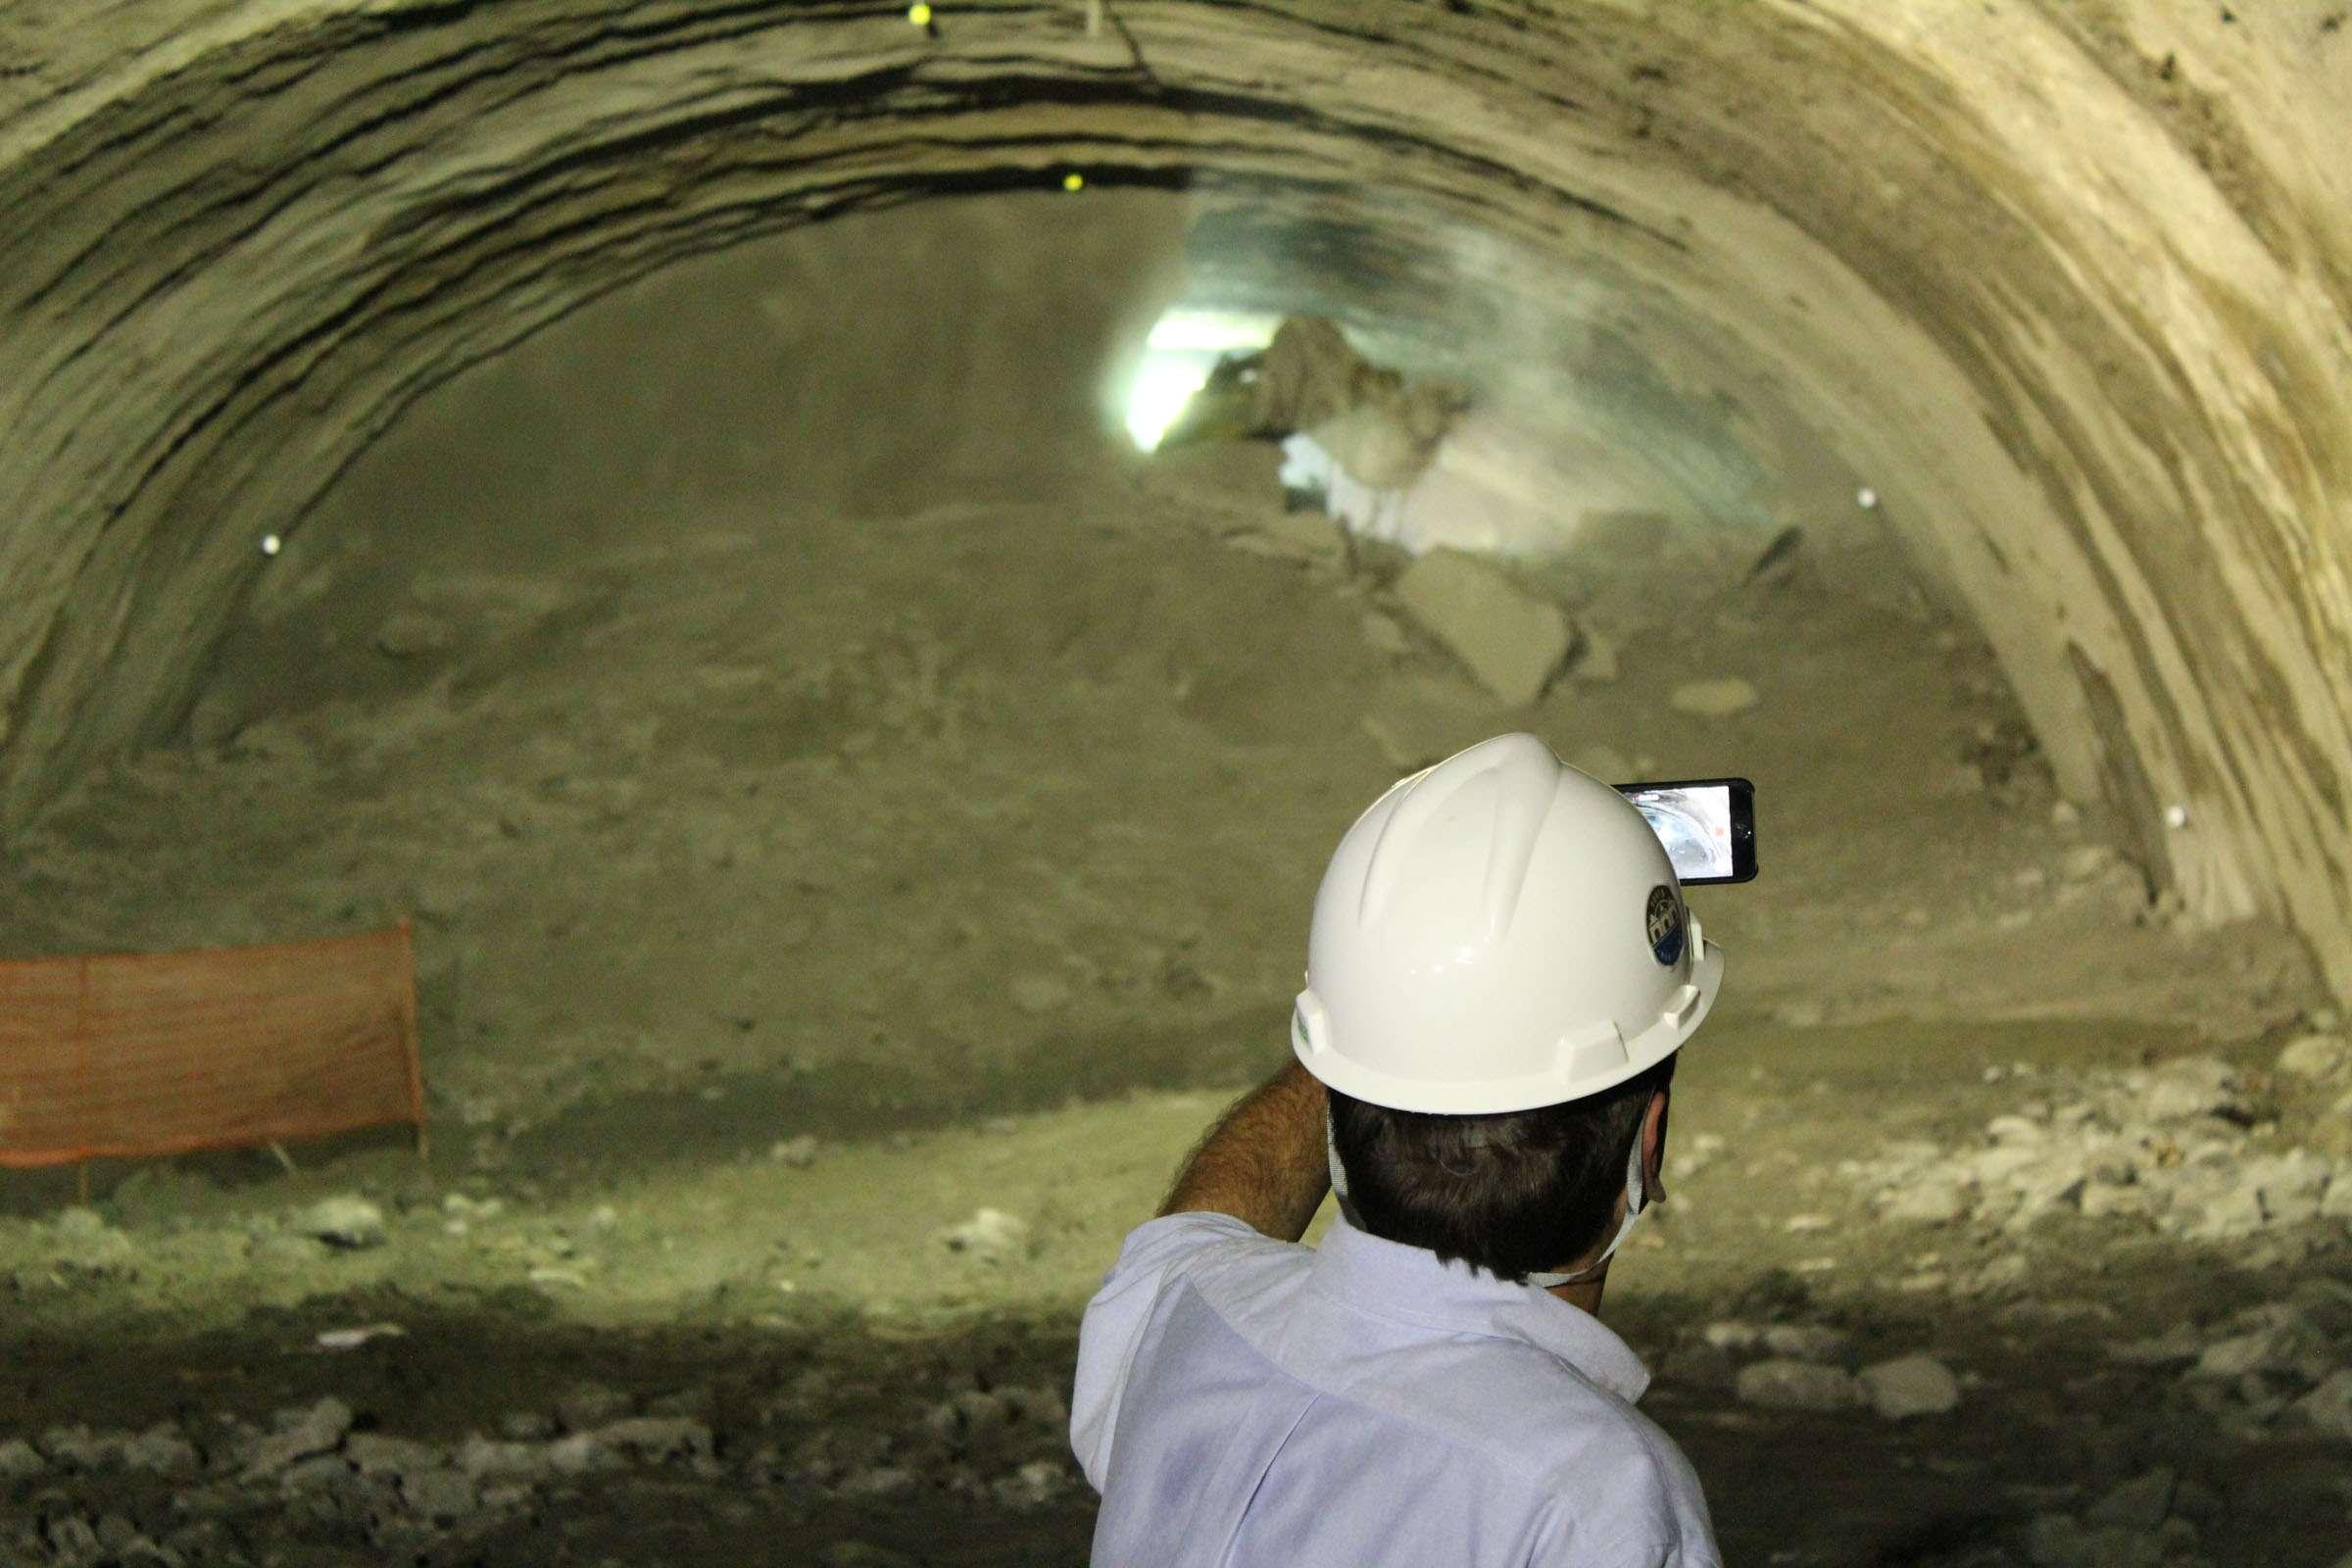 Prefeito Eduardo Paes registra derrubada da parede que liga os dois pedaços do túnel Rio 450 no centro do Rio Foto: Marcus Vinicius Pinto/Terra